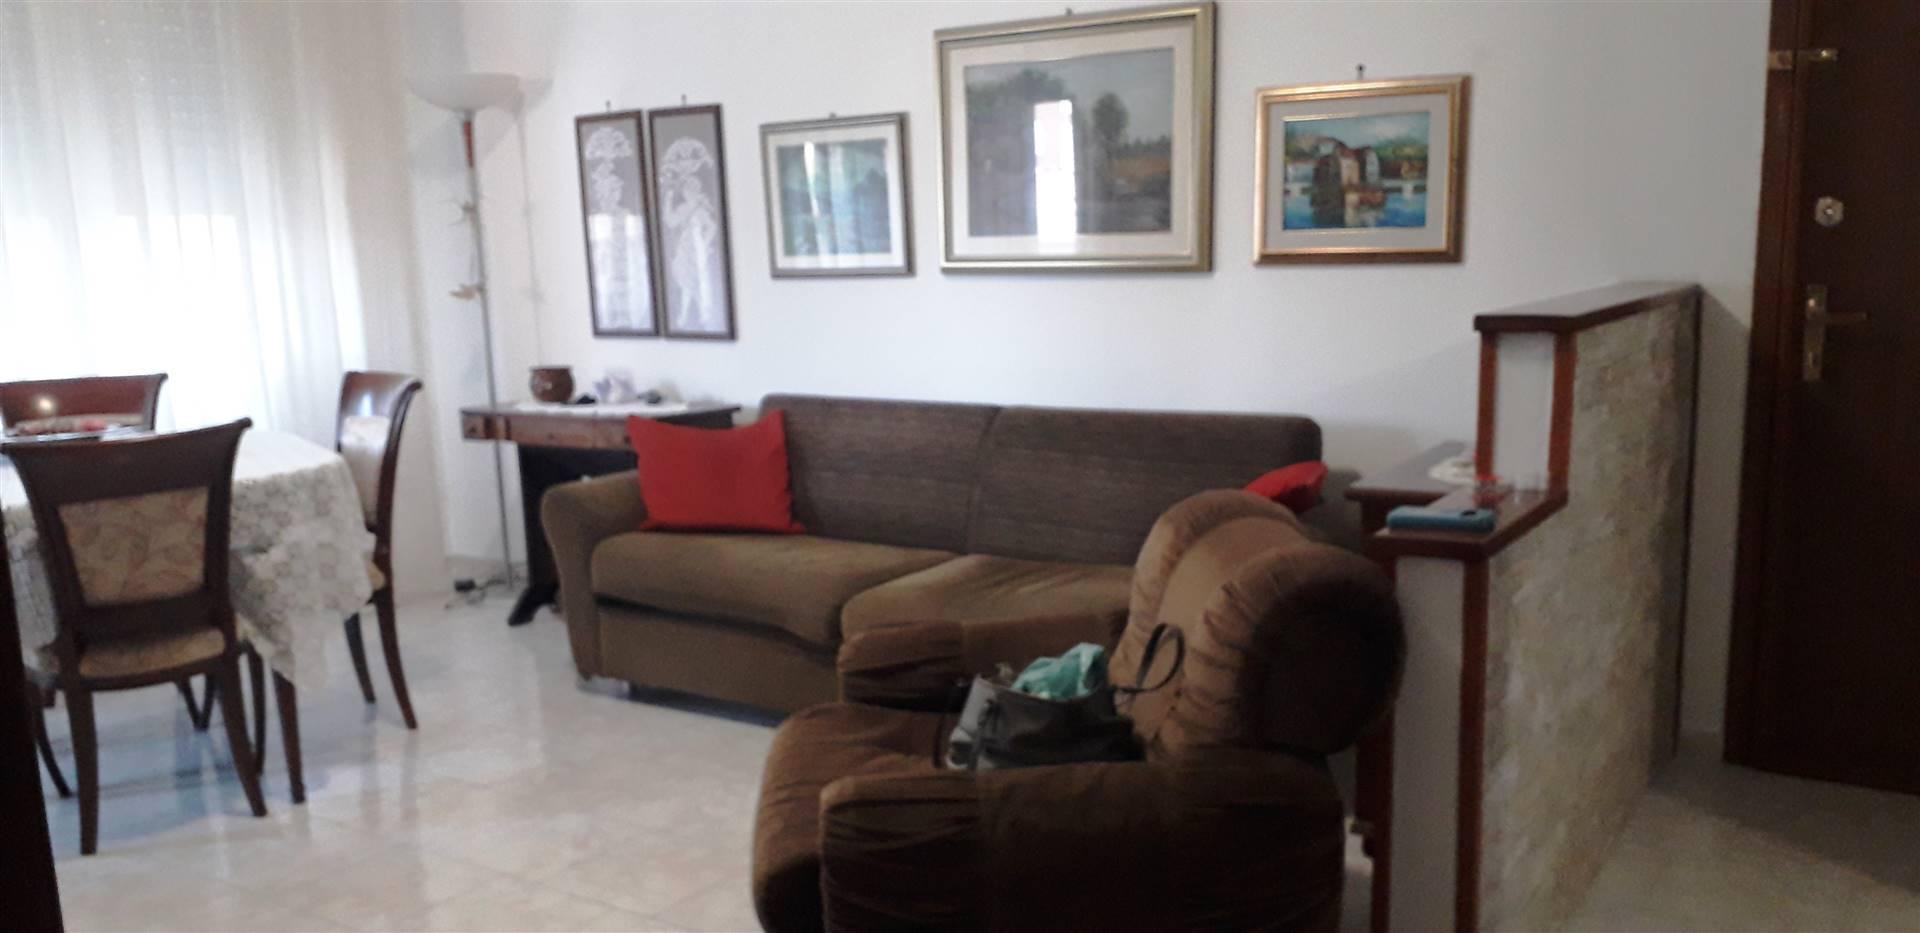 Appartamento in vendita a Voghera, 3 locali, prezzo € 115.000 | CambioCasa.it